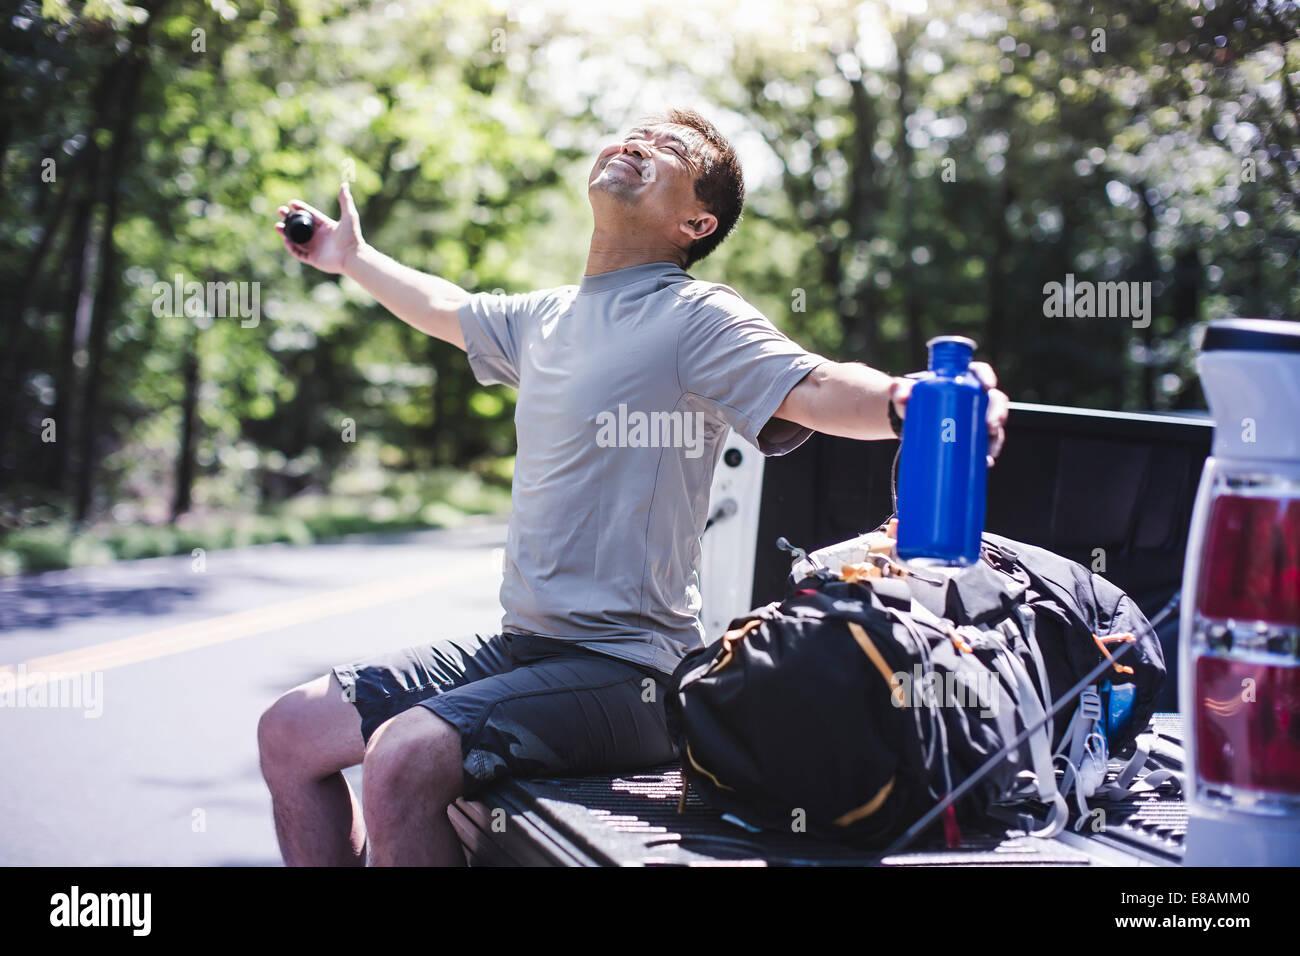 Coppia uomo seduto su pick up truck con braccia Immagini Stock